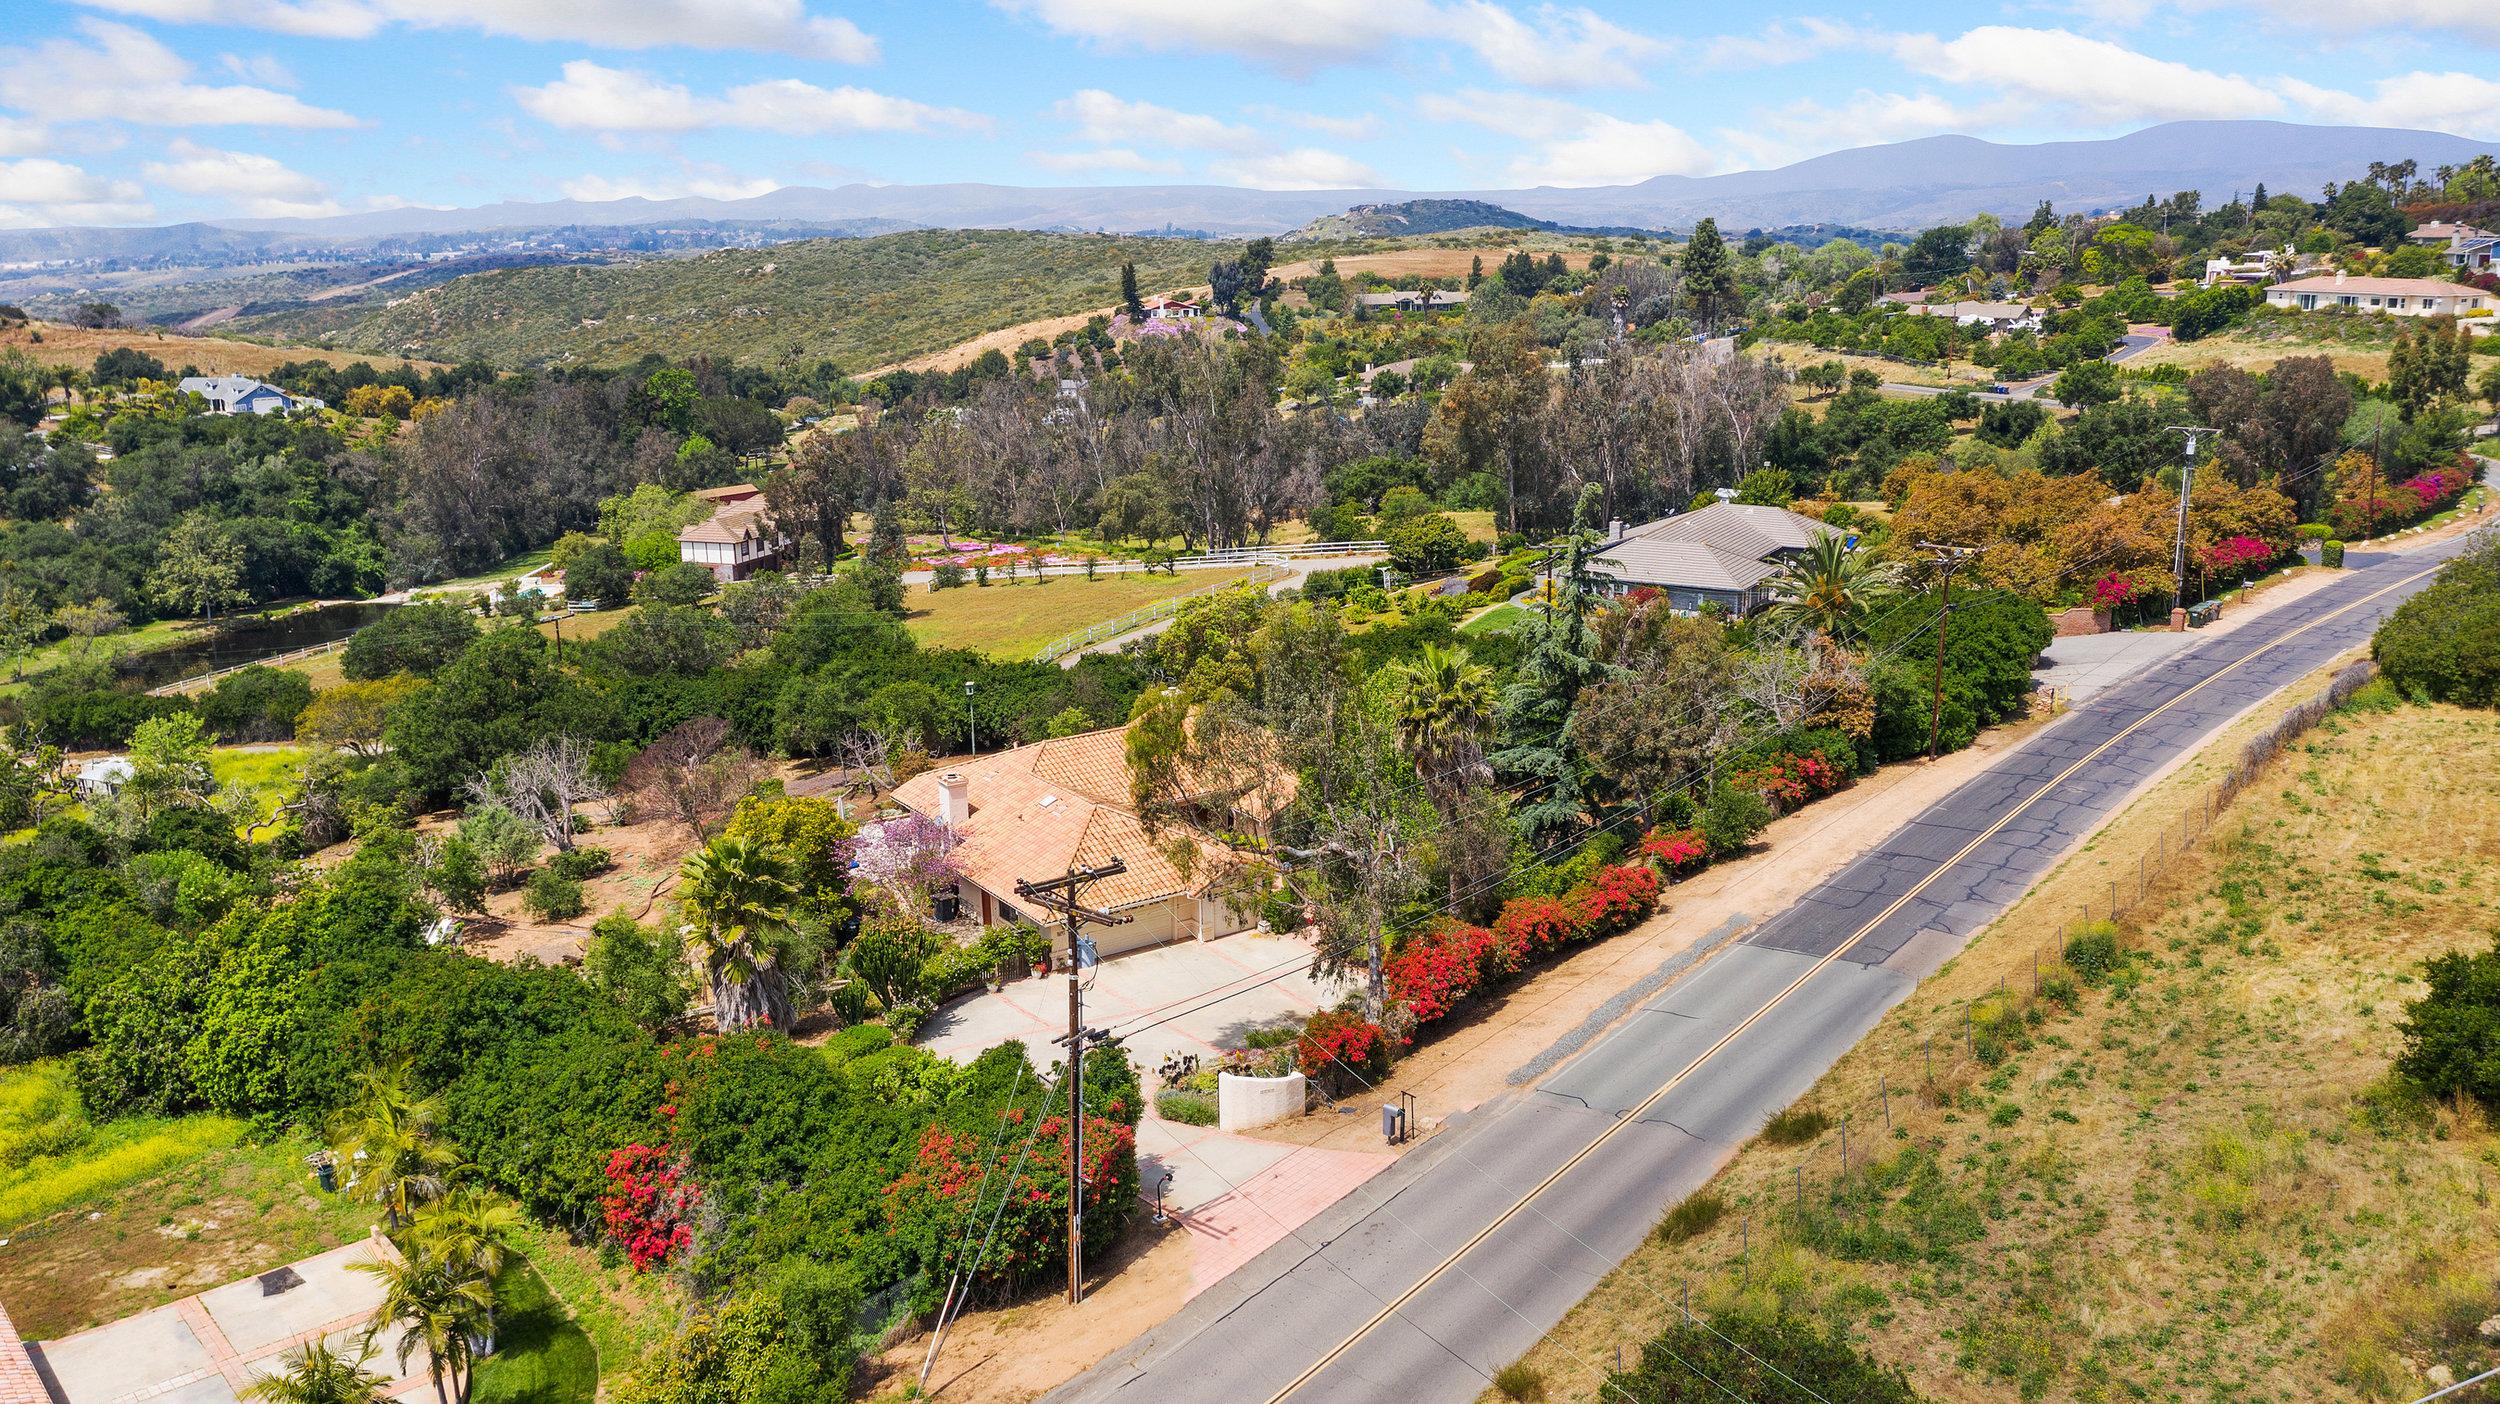 035_Aerial Street View.jpg